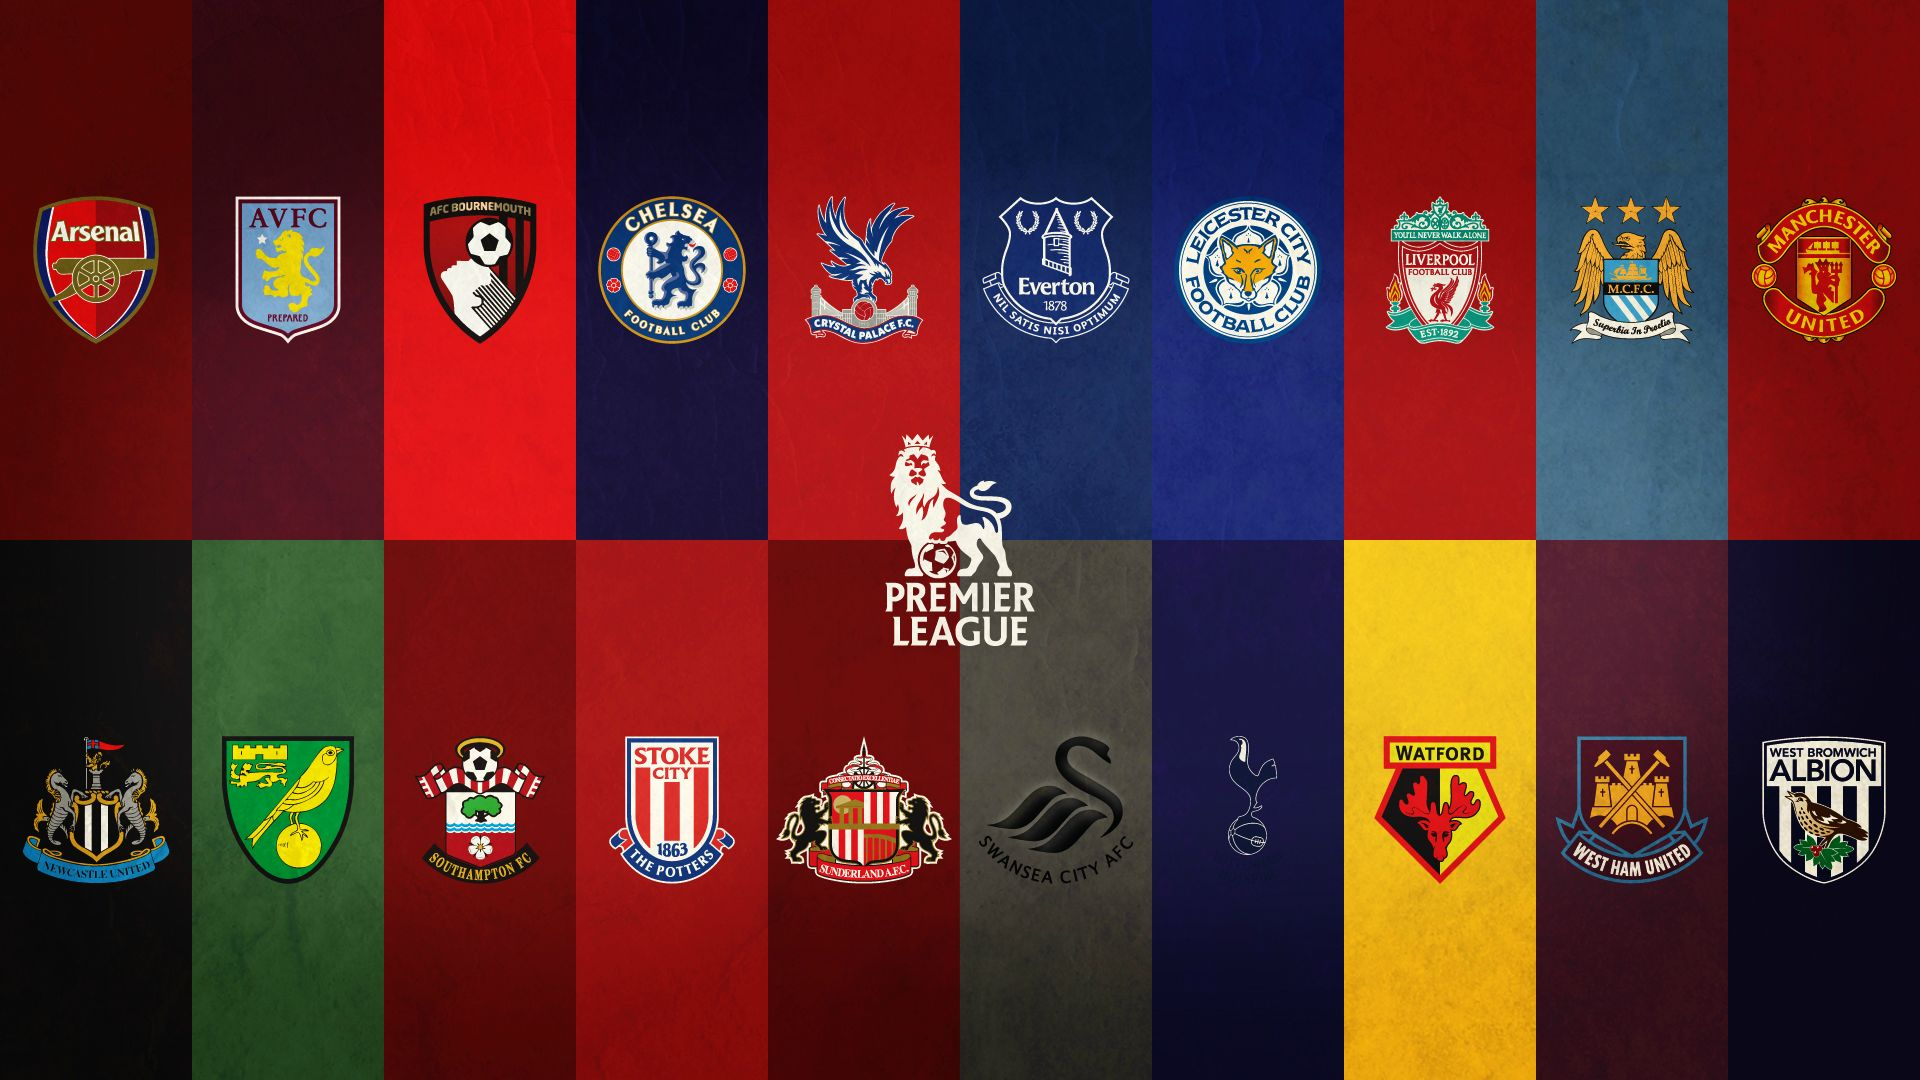 Premier League Wallpaper By Jbernardino